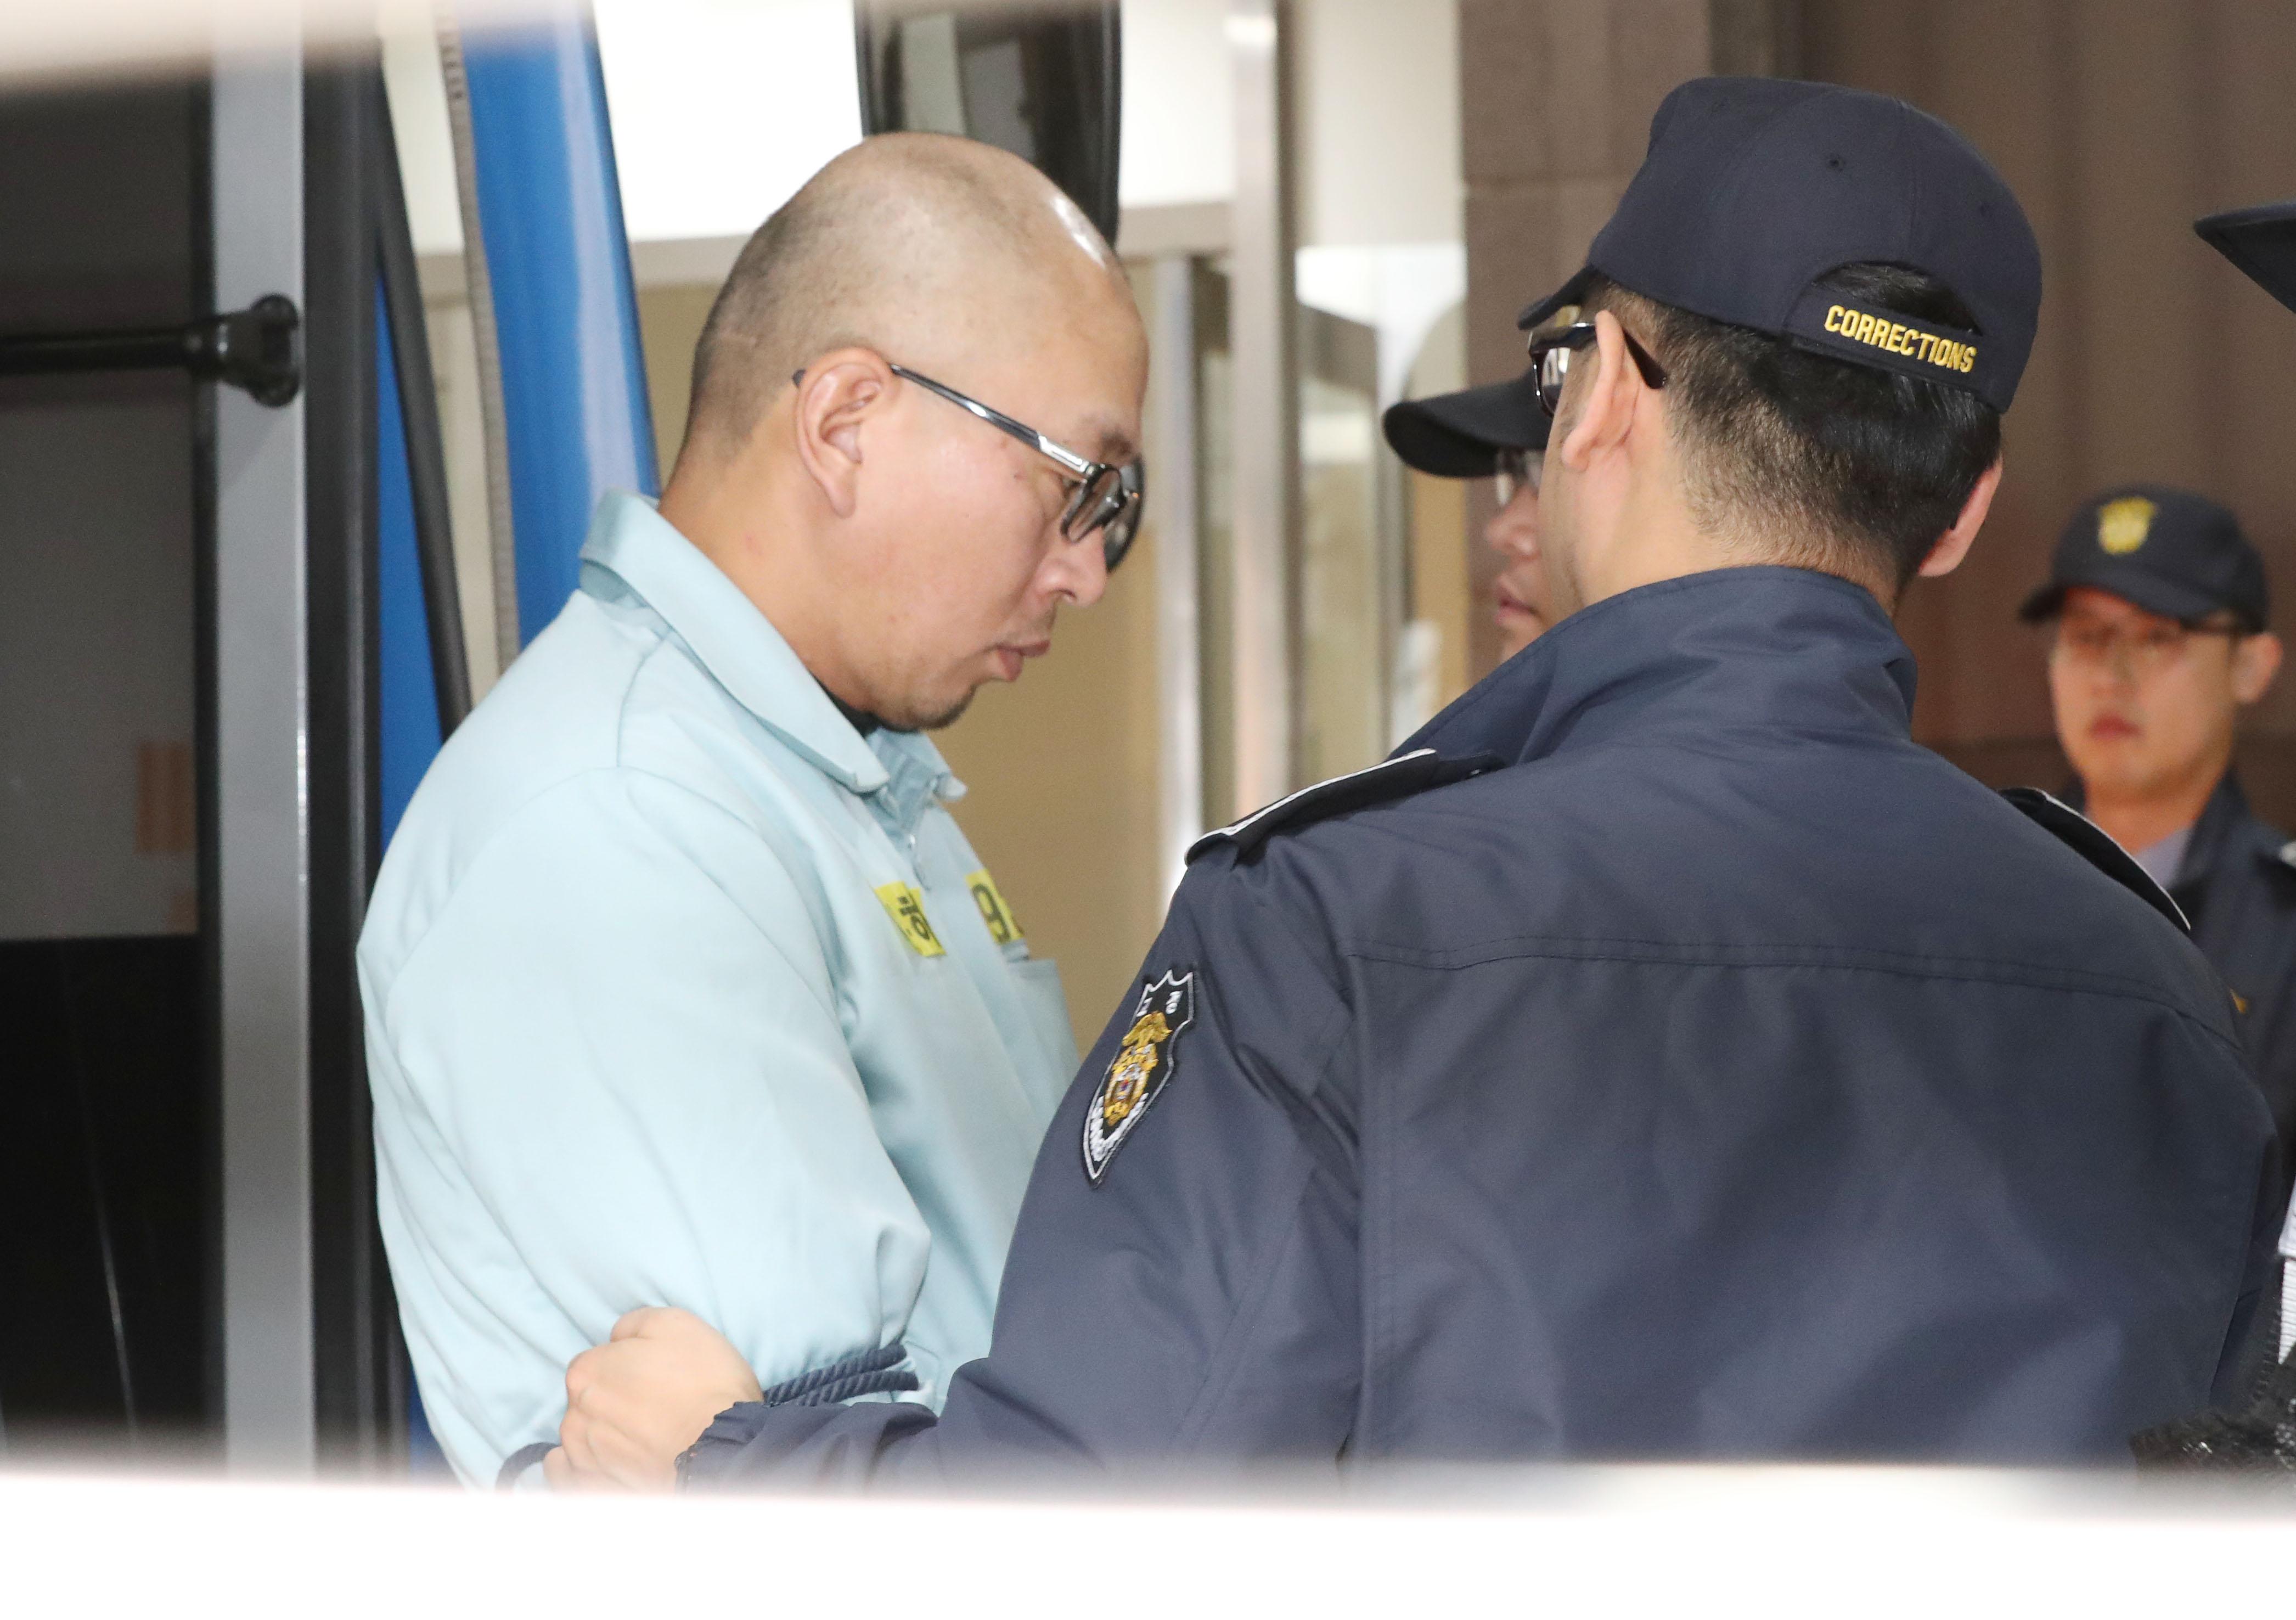 [판결] 광고사 포레카 강탈 혐의…차은택 1심 징역3년 선고